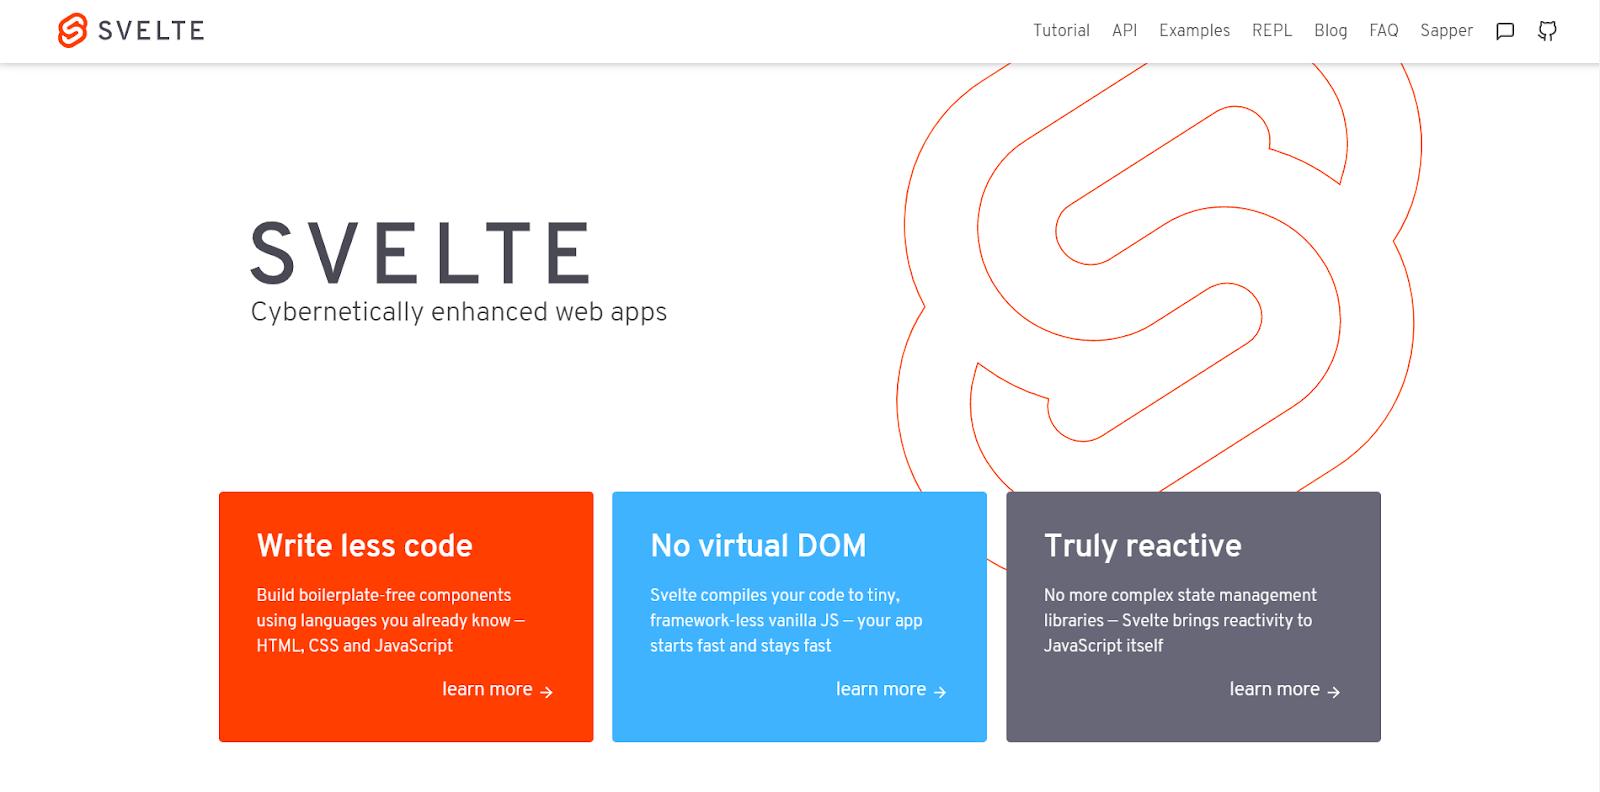 svelte homepage screenshot